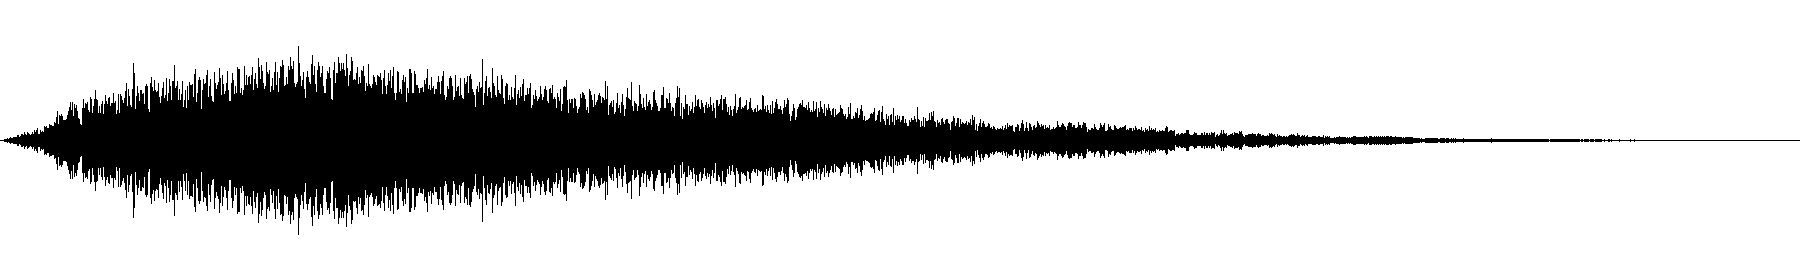 vfx1 atmos 75